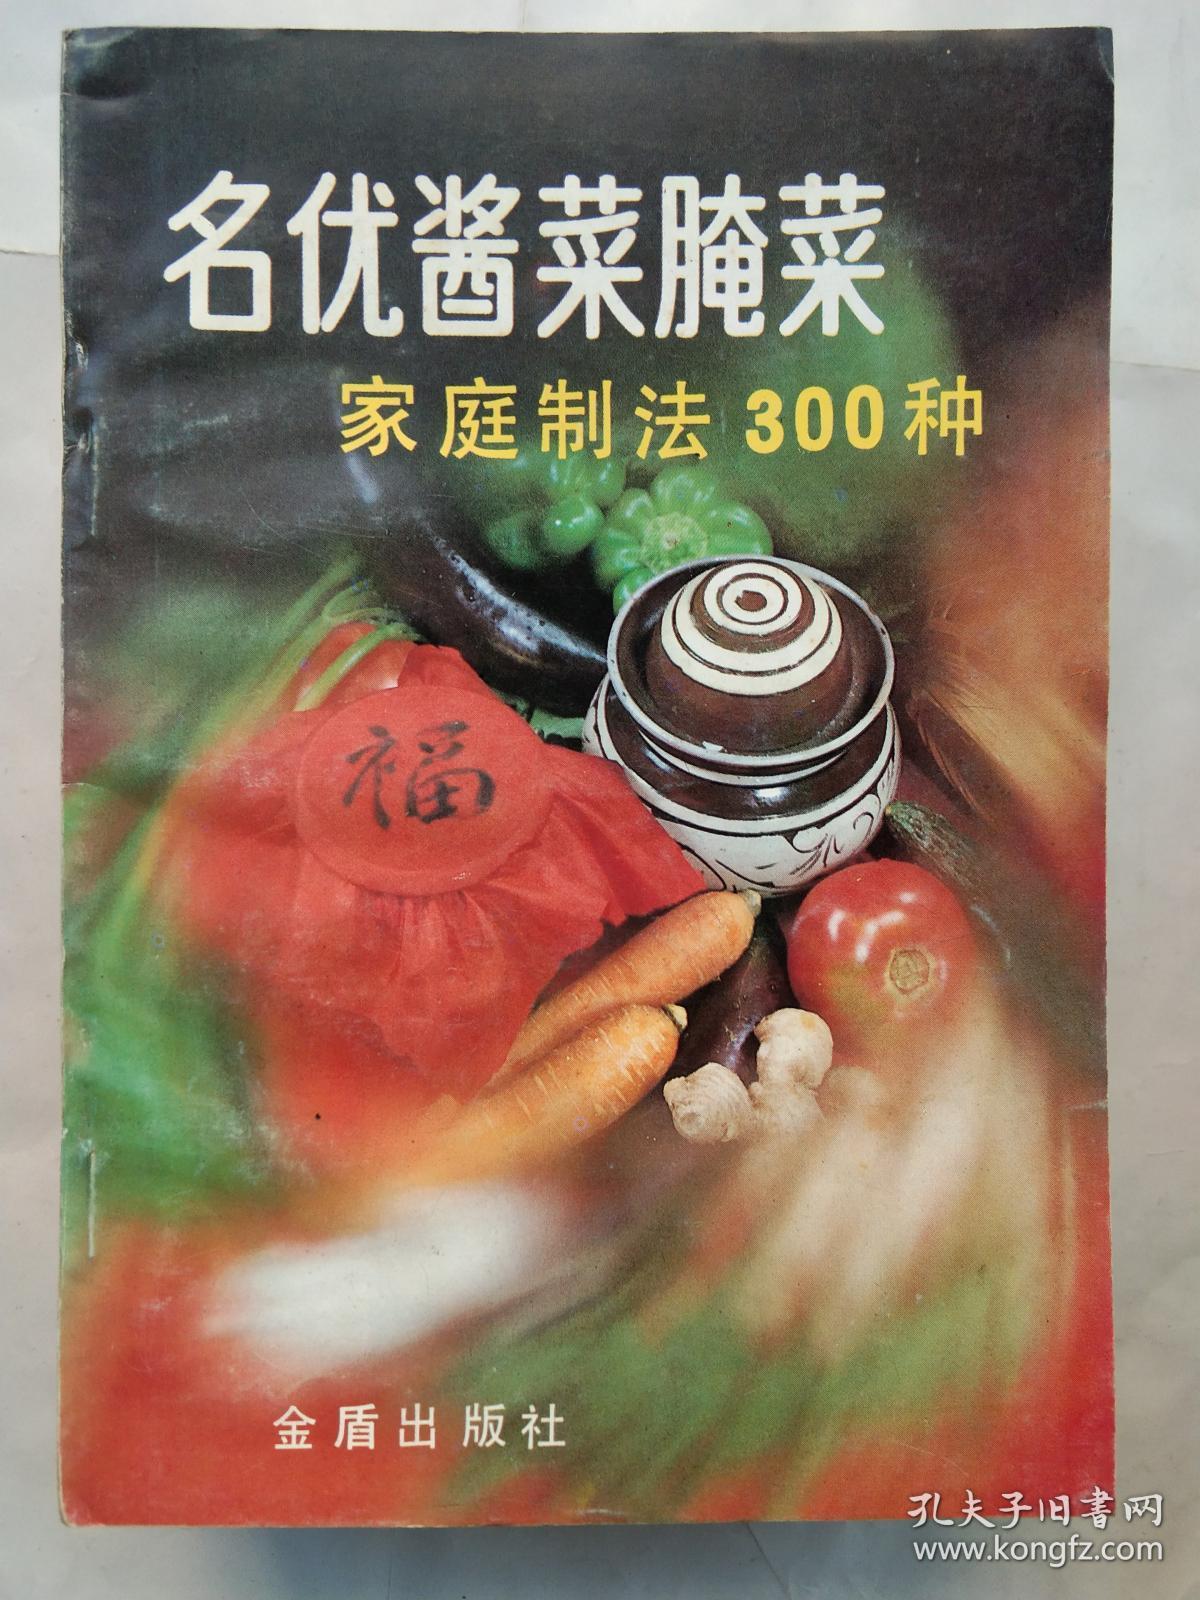 (老菜谱)制法家庭腌菜名优血压300种吃菜籽油能降酱菜吗图片